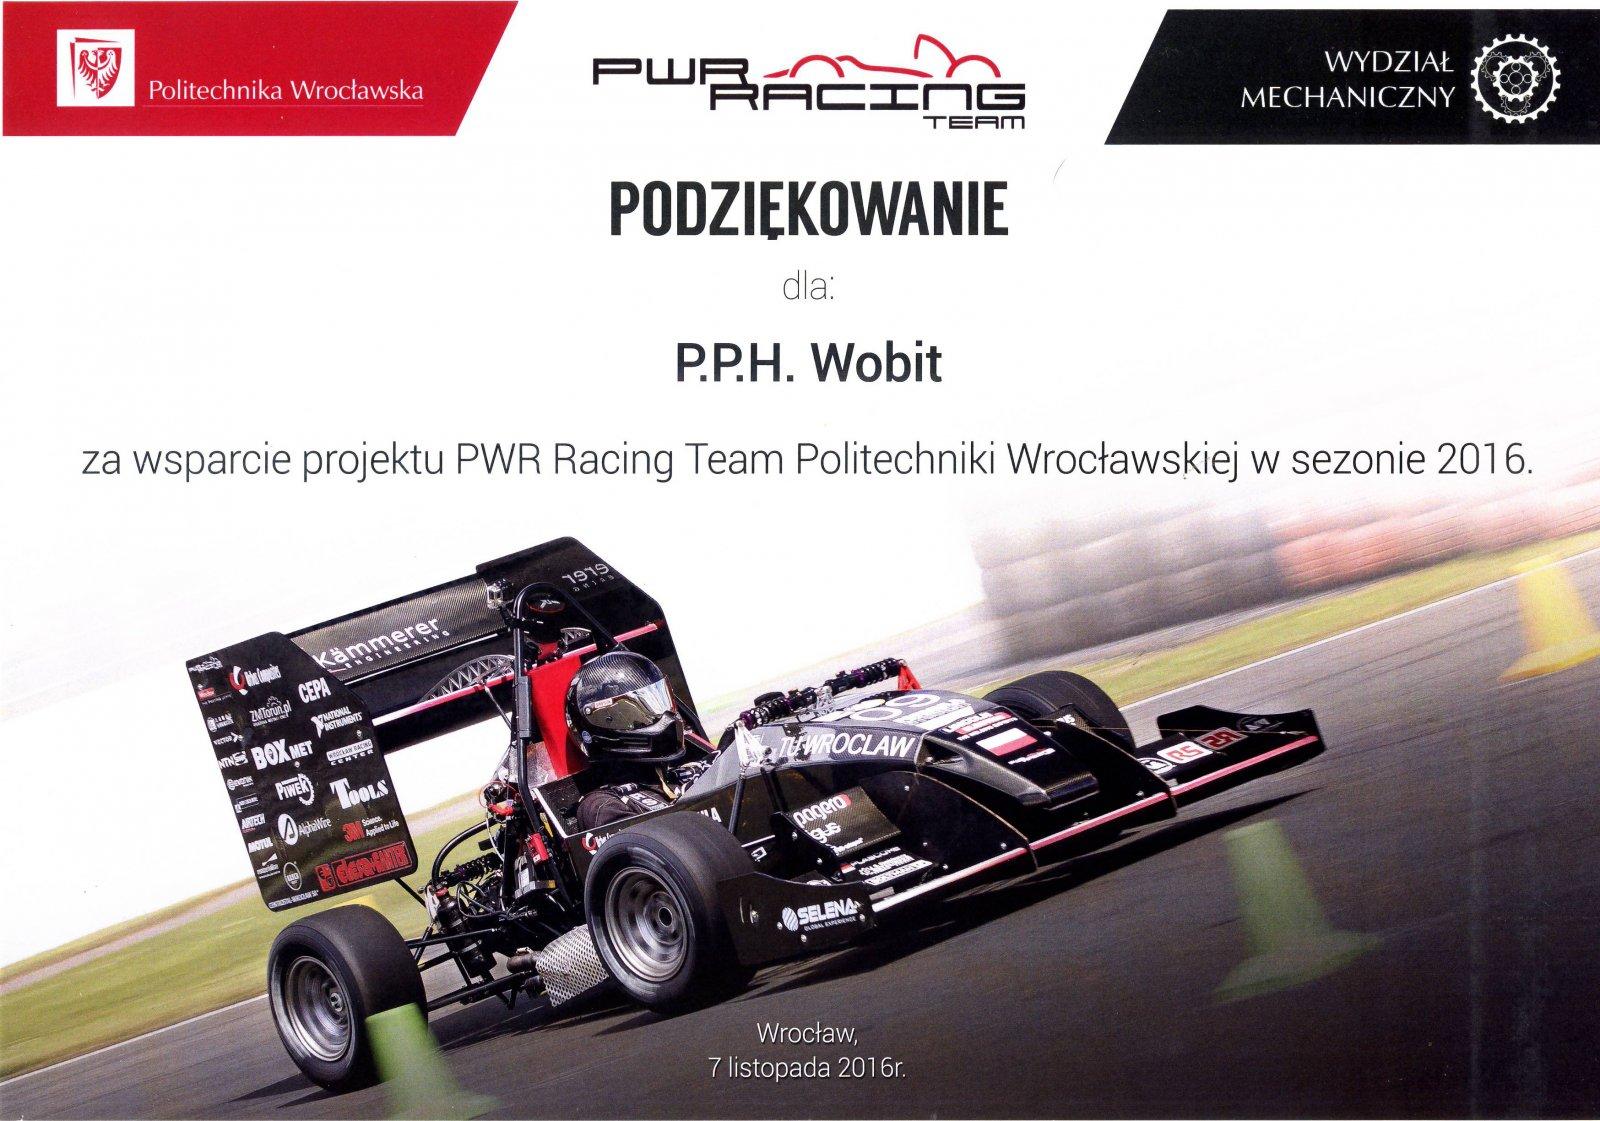 Podziękowanie PWR Racing Team